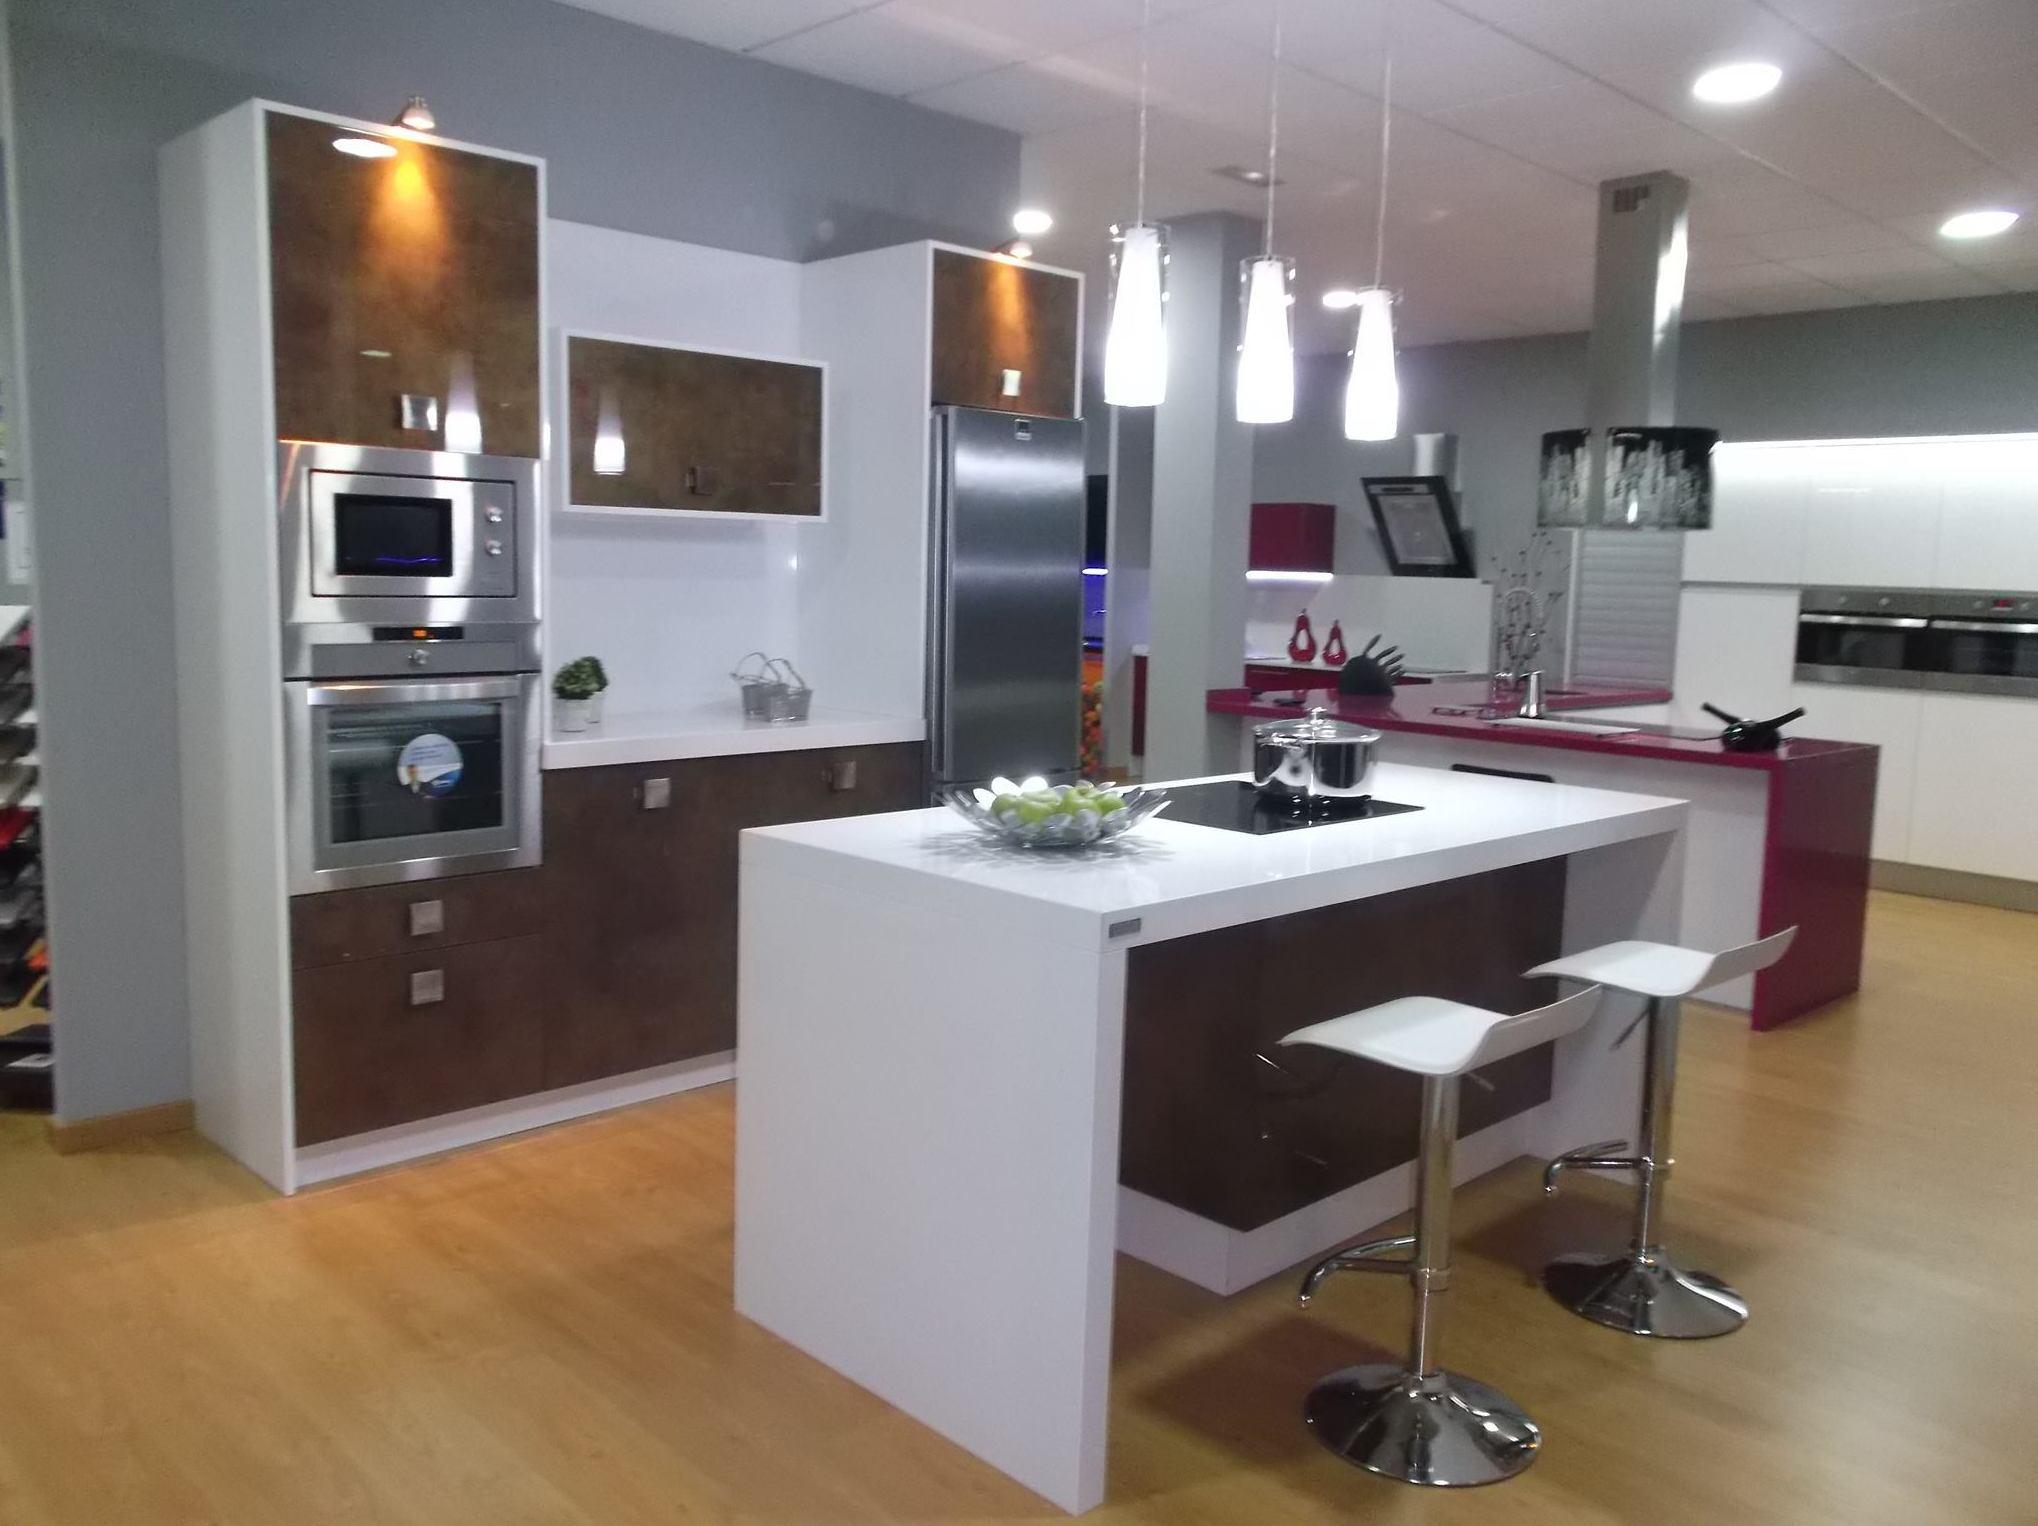 de Muebles de baño y cocina a Santa Cruz de Tenerife  Muebles De